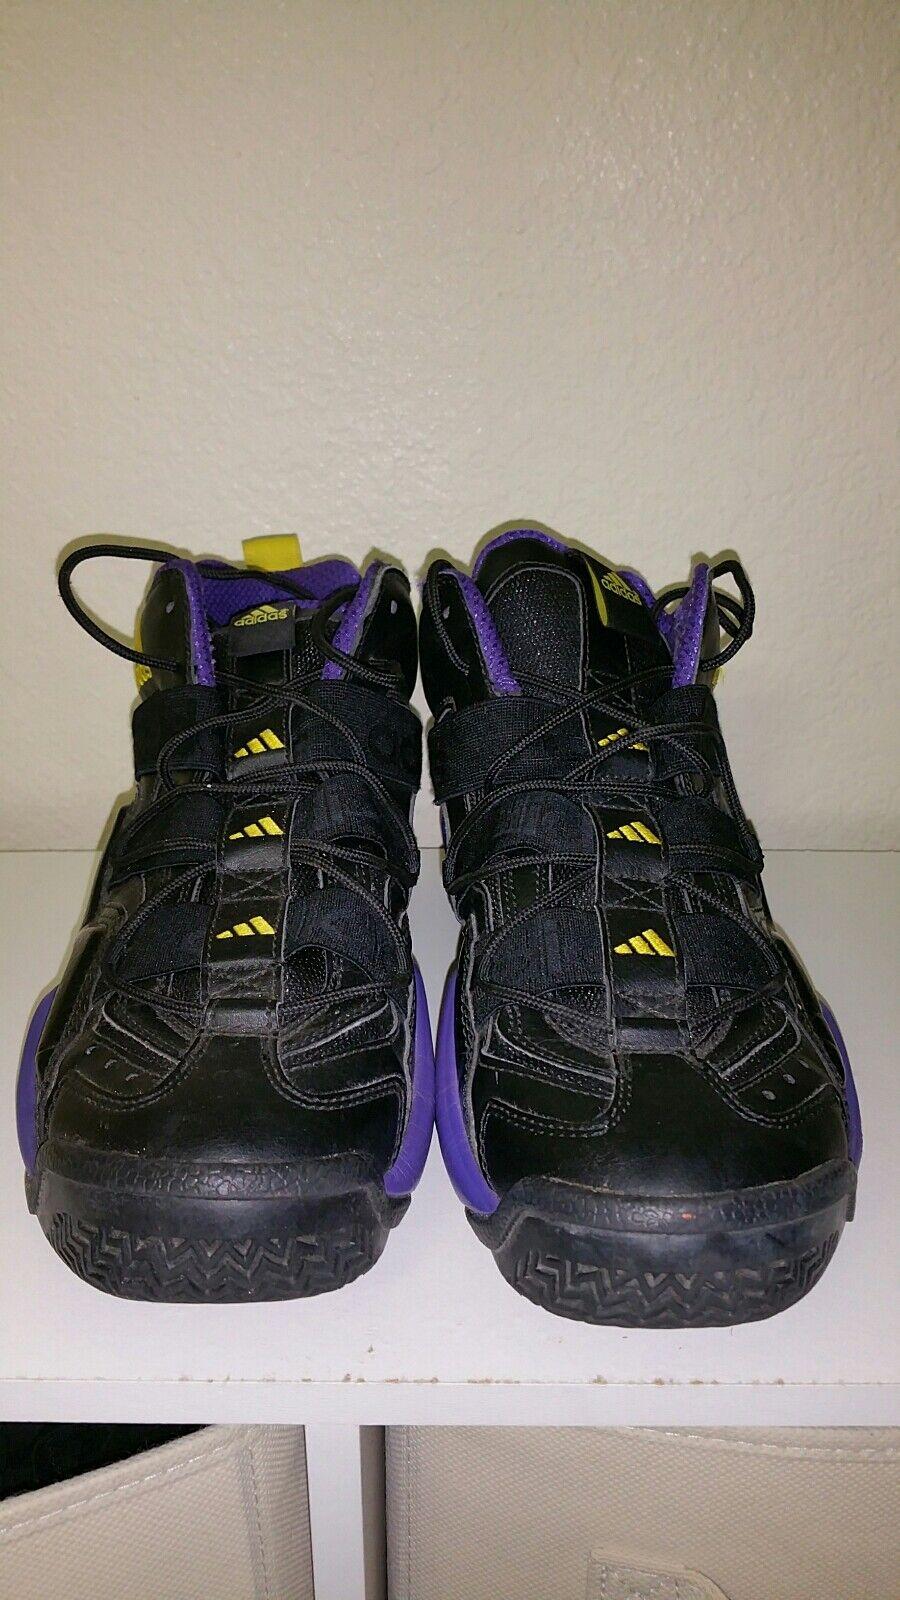 Adidas zehn schwarz 2000 / gelb lila lakers 2000 schwarz basketball - schuhe g56095 turnschuhe. 4dcc99